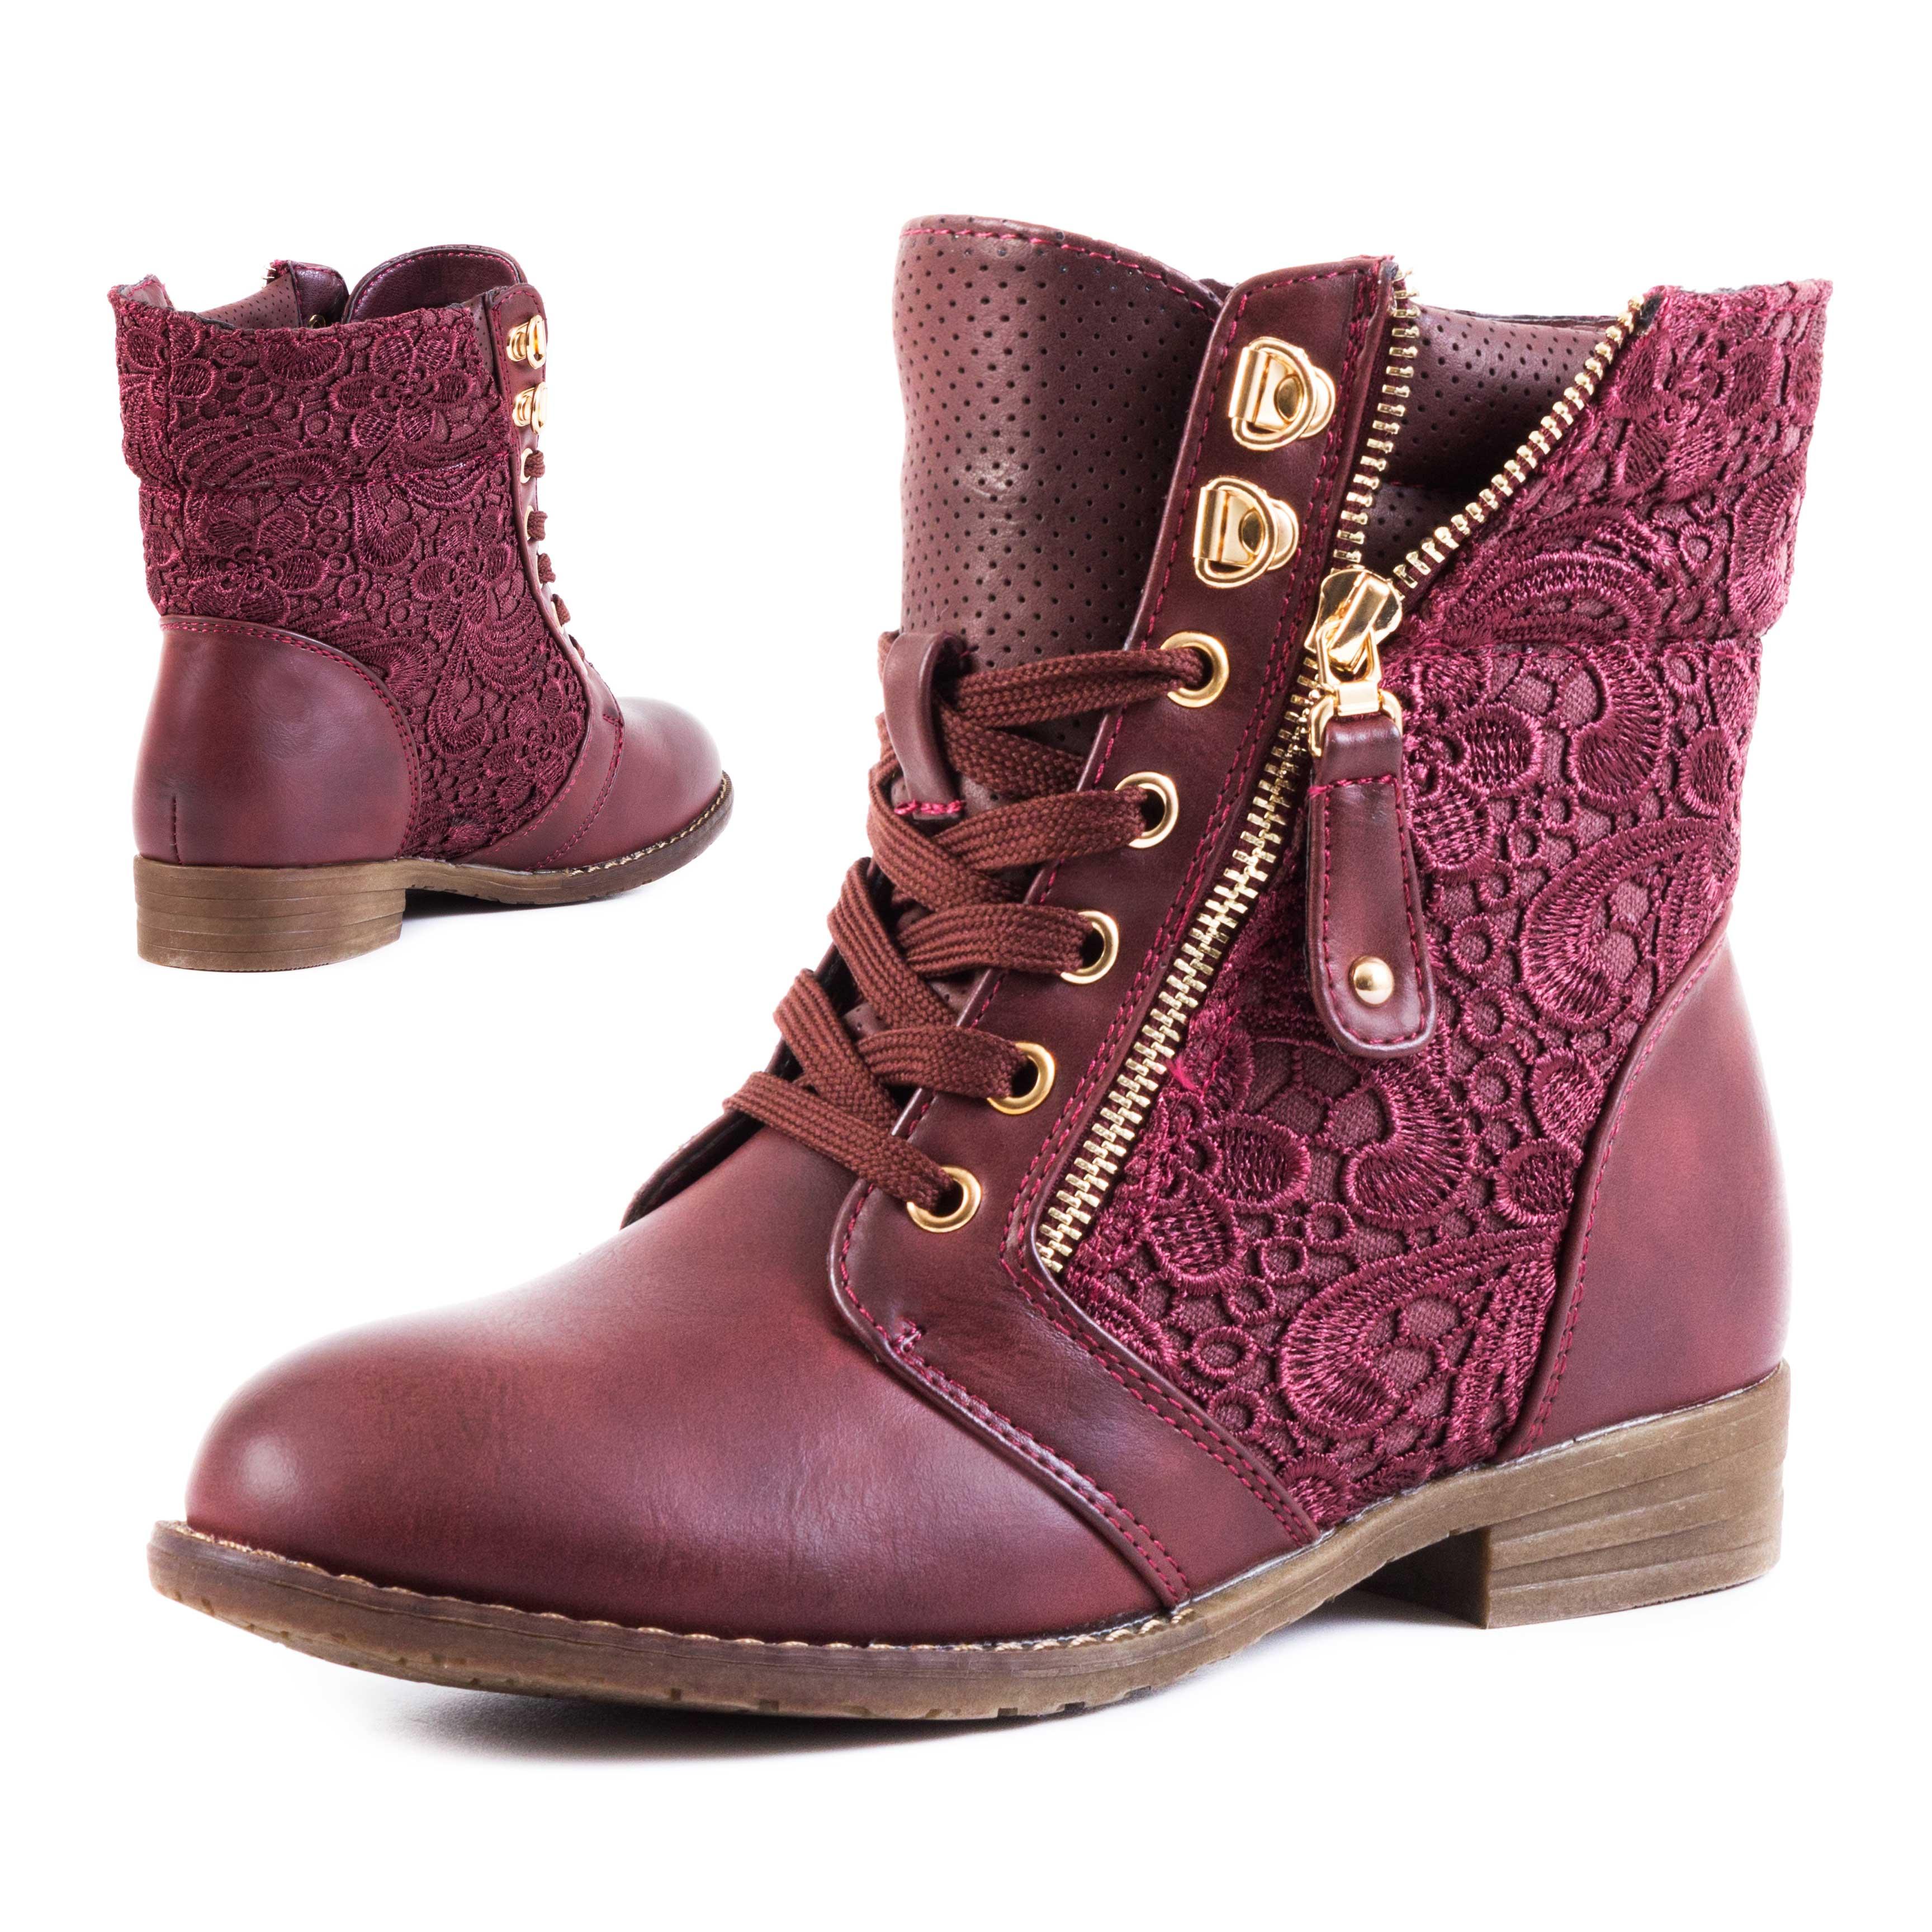 neu damen schuhe basic stiefeletten fr hling boots gr 36. Black Bedroom Furniture Sets. Home Design Ideas